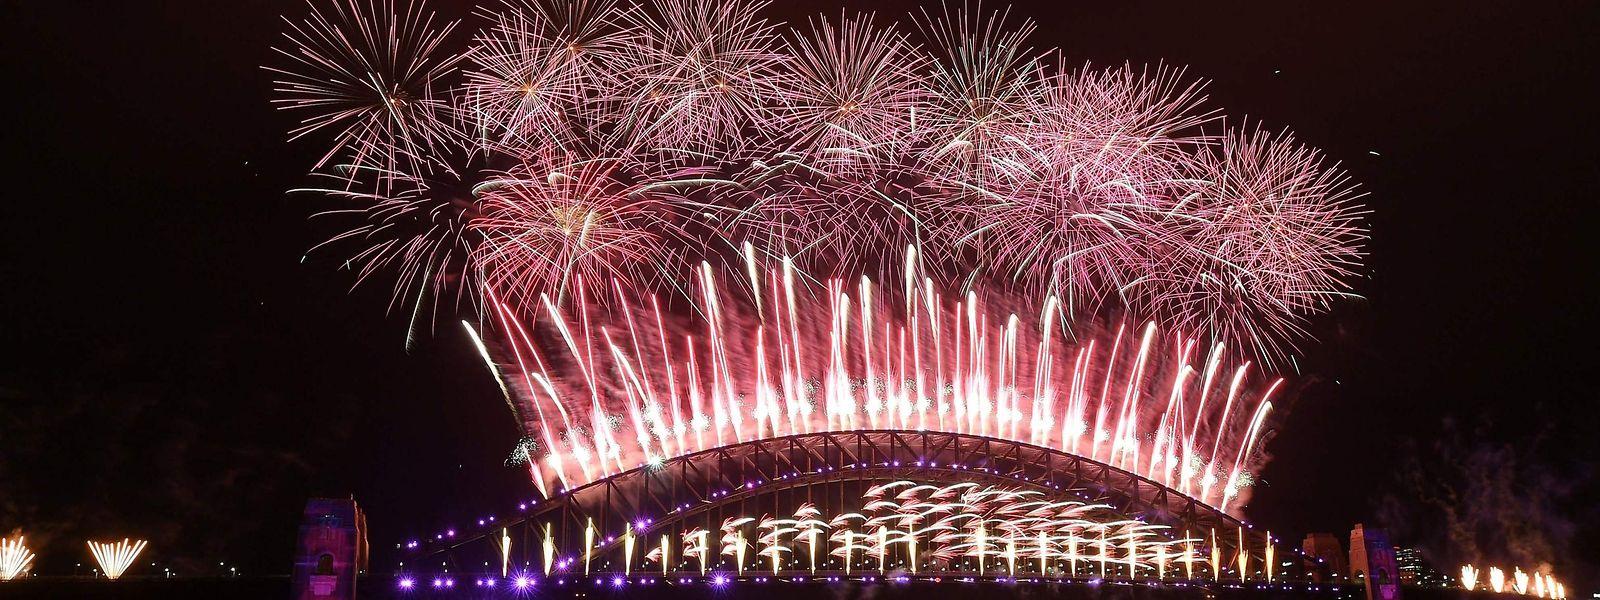 Das Feuerwerk in Sydney fand dieses Jahr ohne Zuschauer vor Ort statt.